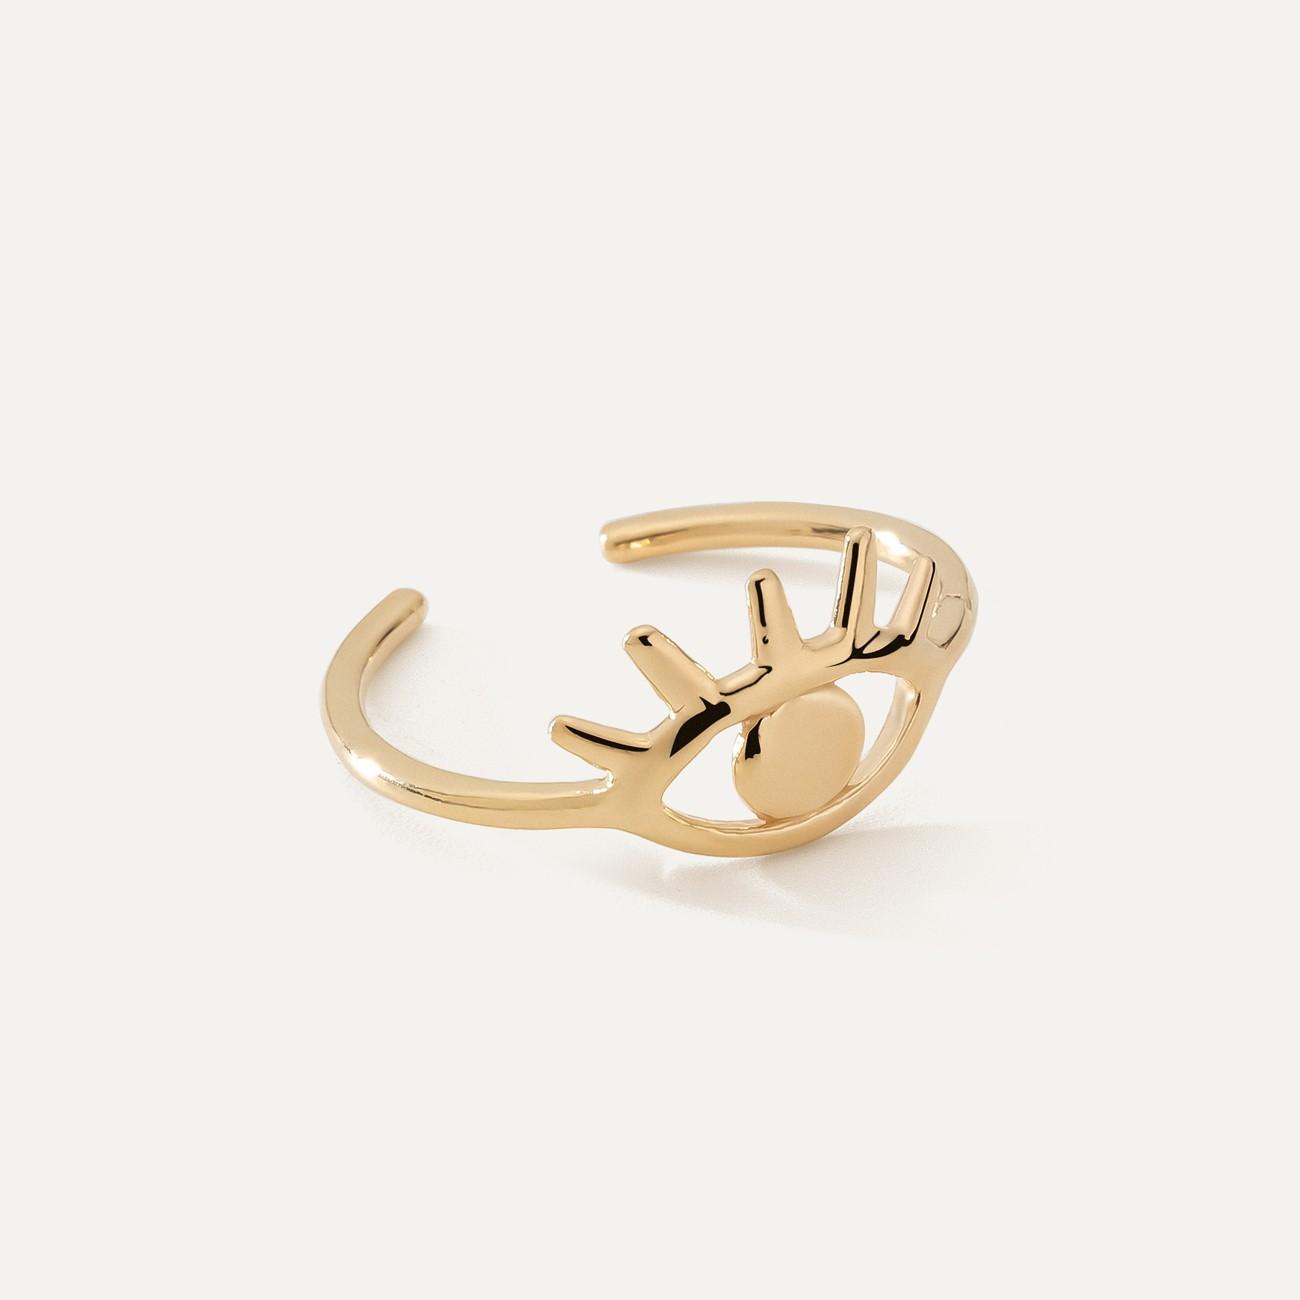 Srebrny pierścionek oko Horusa MON DÉFI, 925